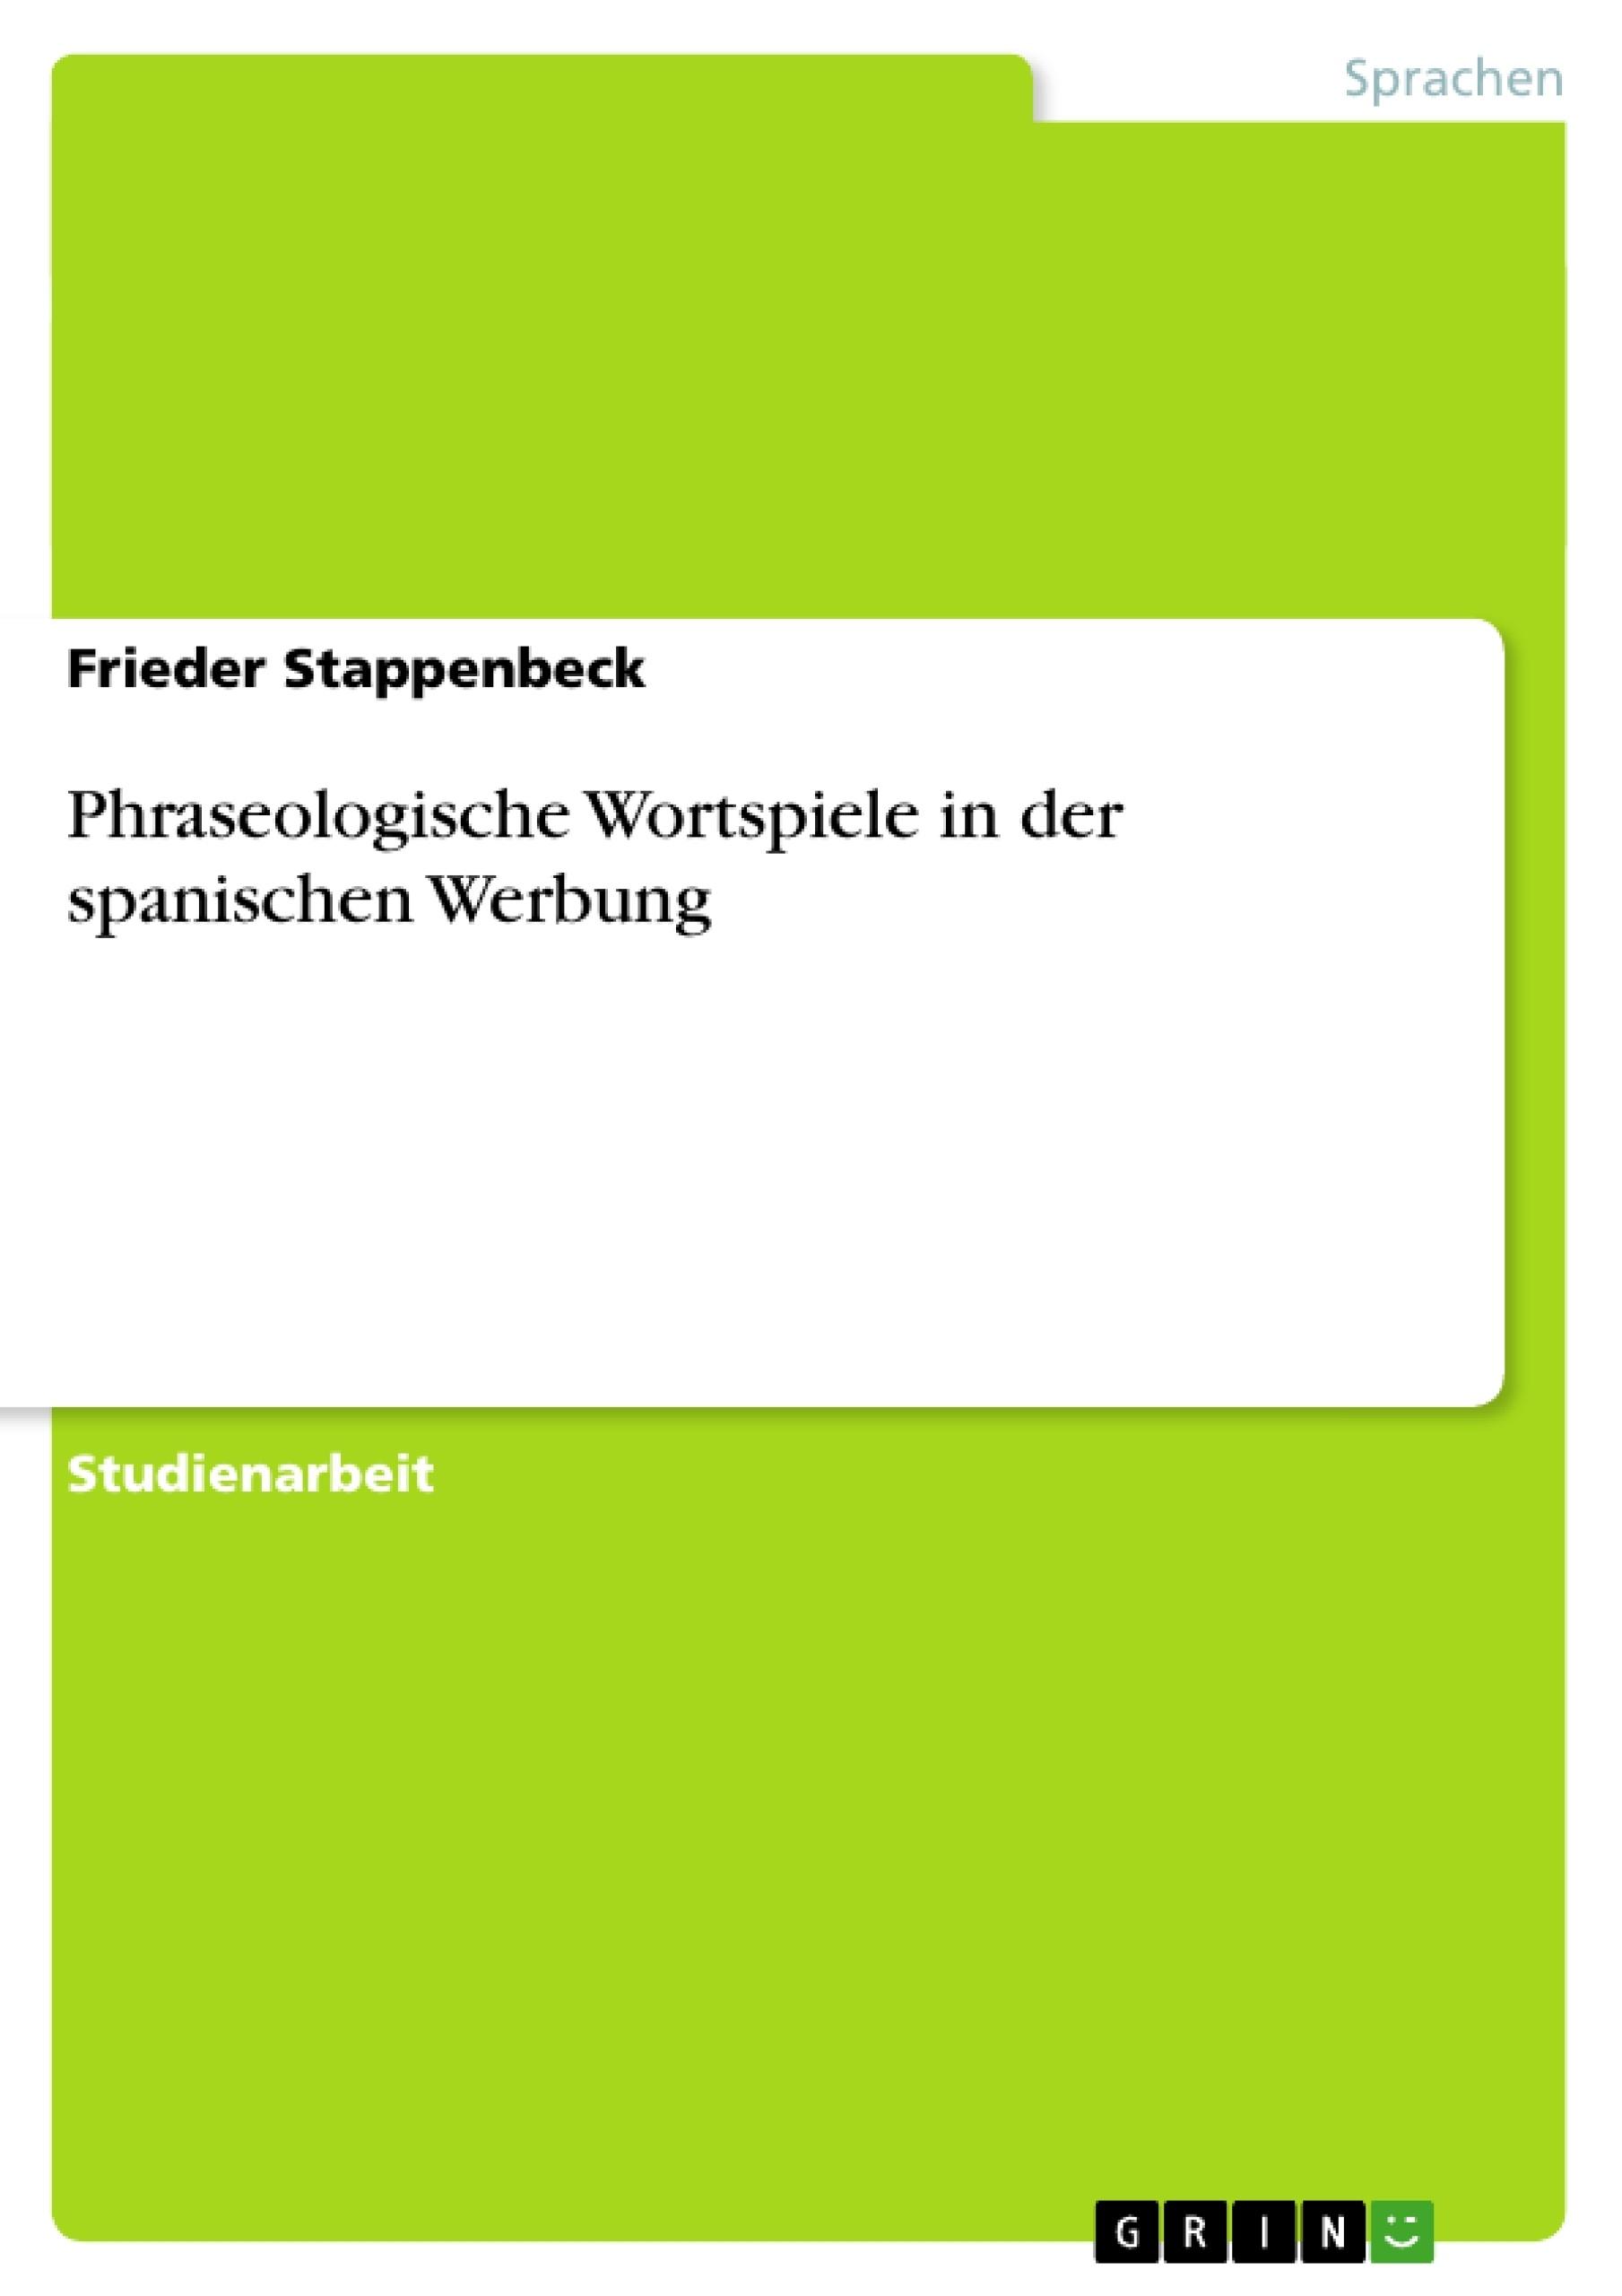 Titel: Phraseologische Wortspiele in der spanischen Werbung